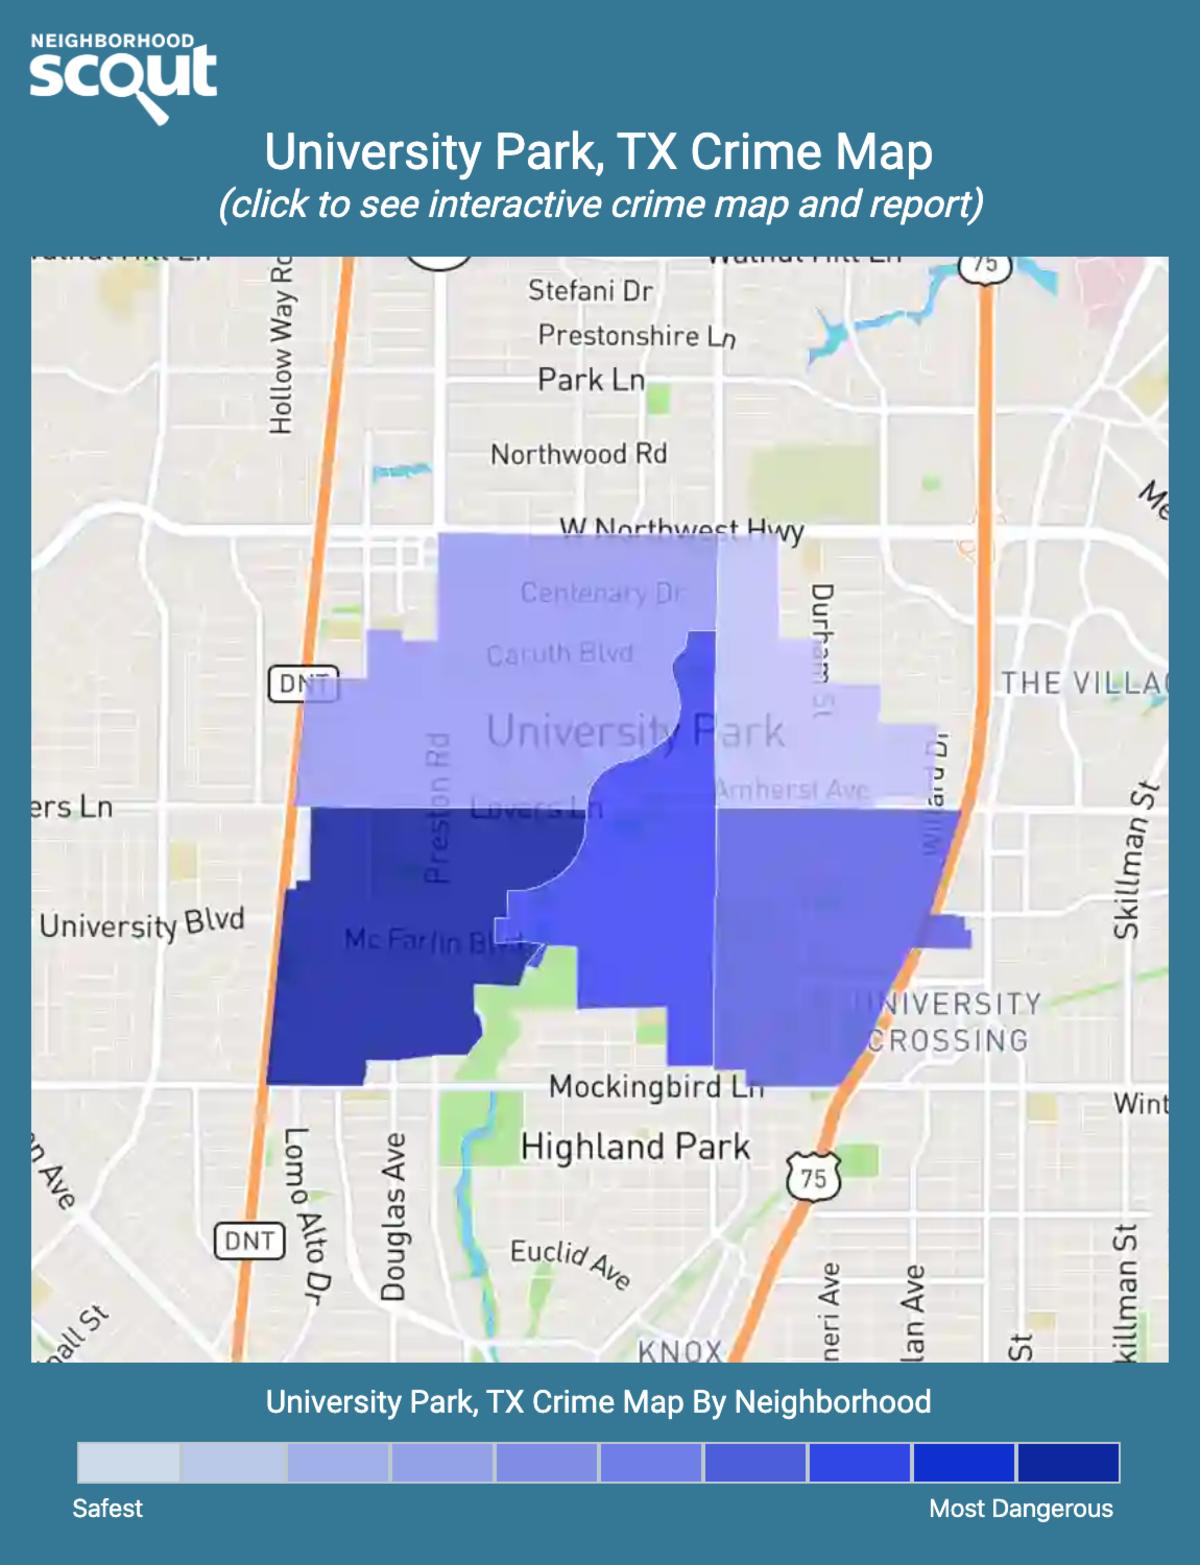 University Park, Texas crime map